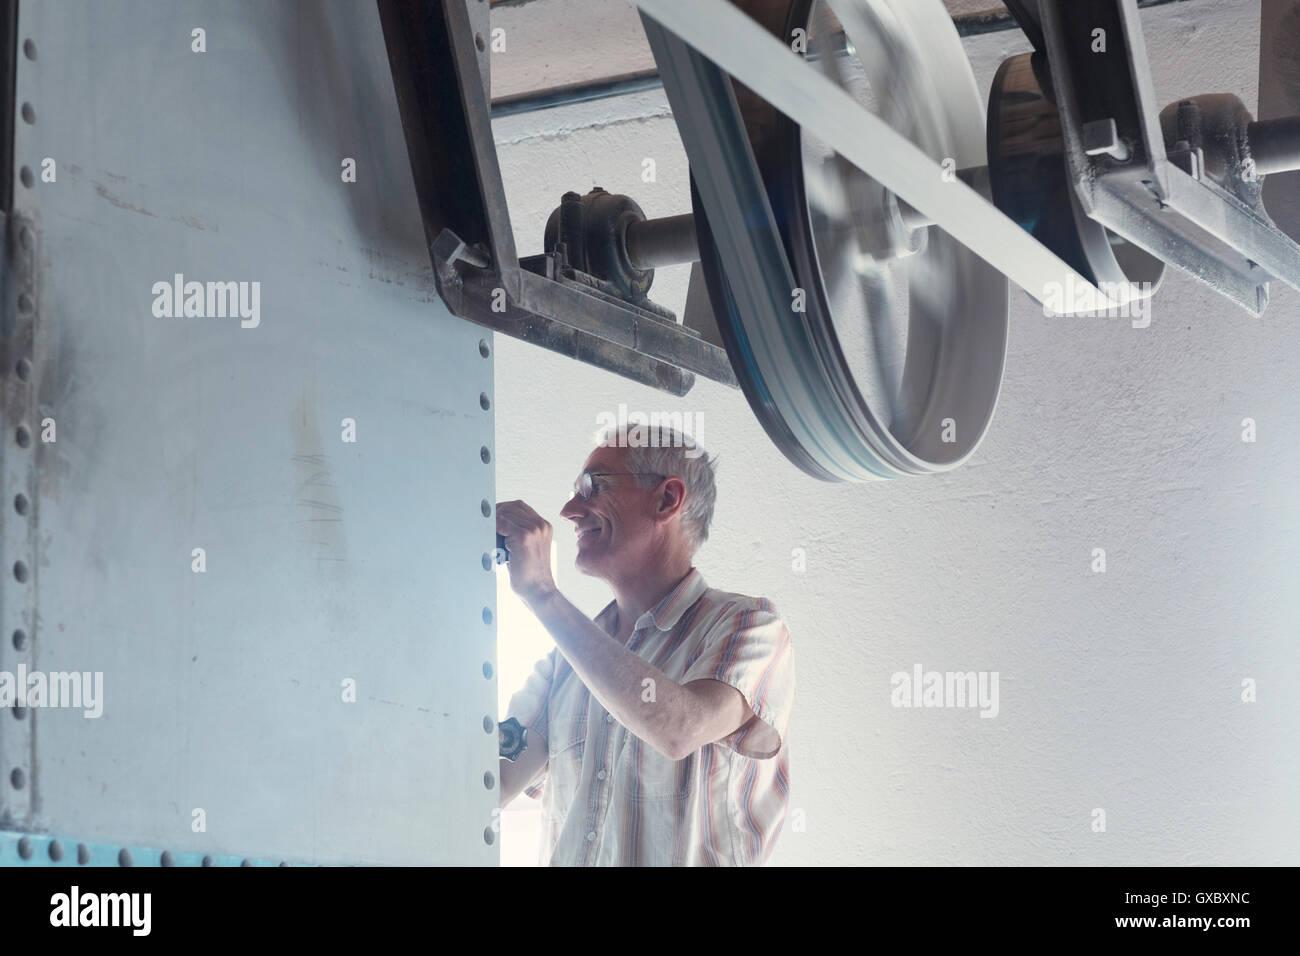 Männliche Miller Maschine in Weizen-Mühle in Betrieb Stockbild